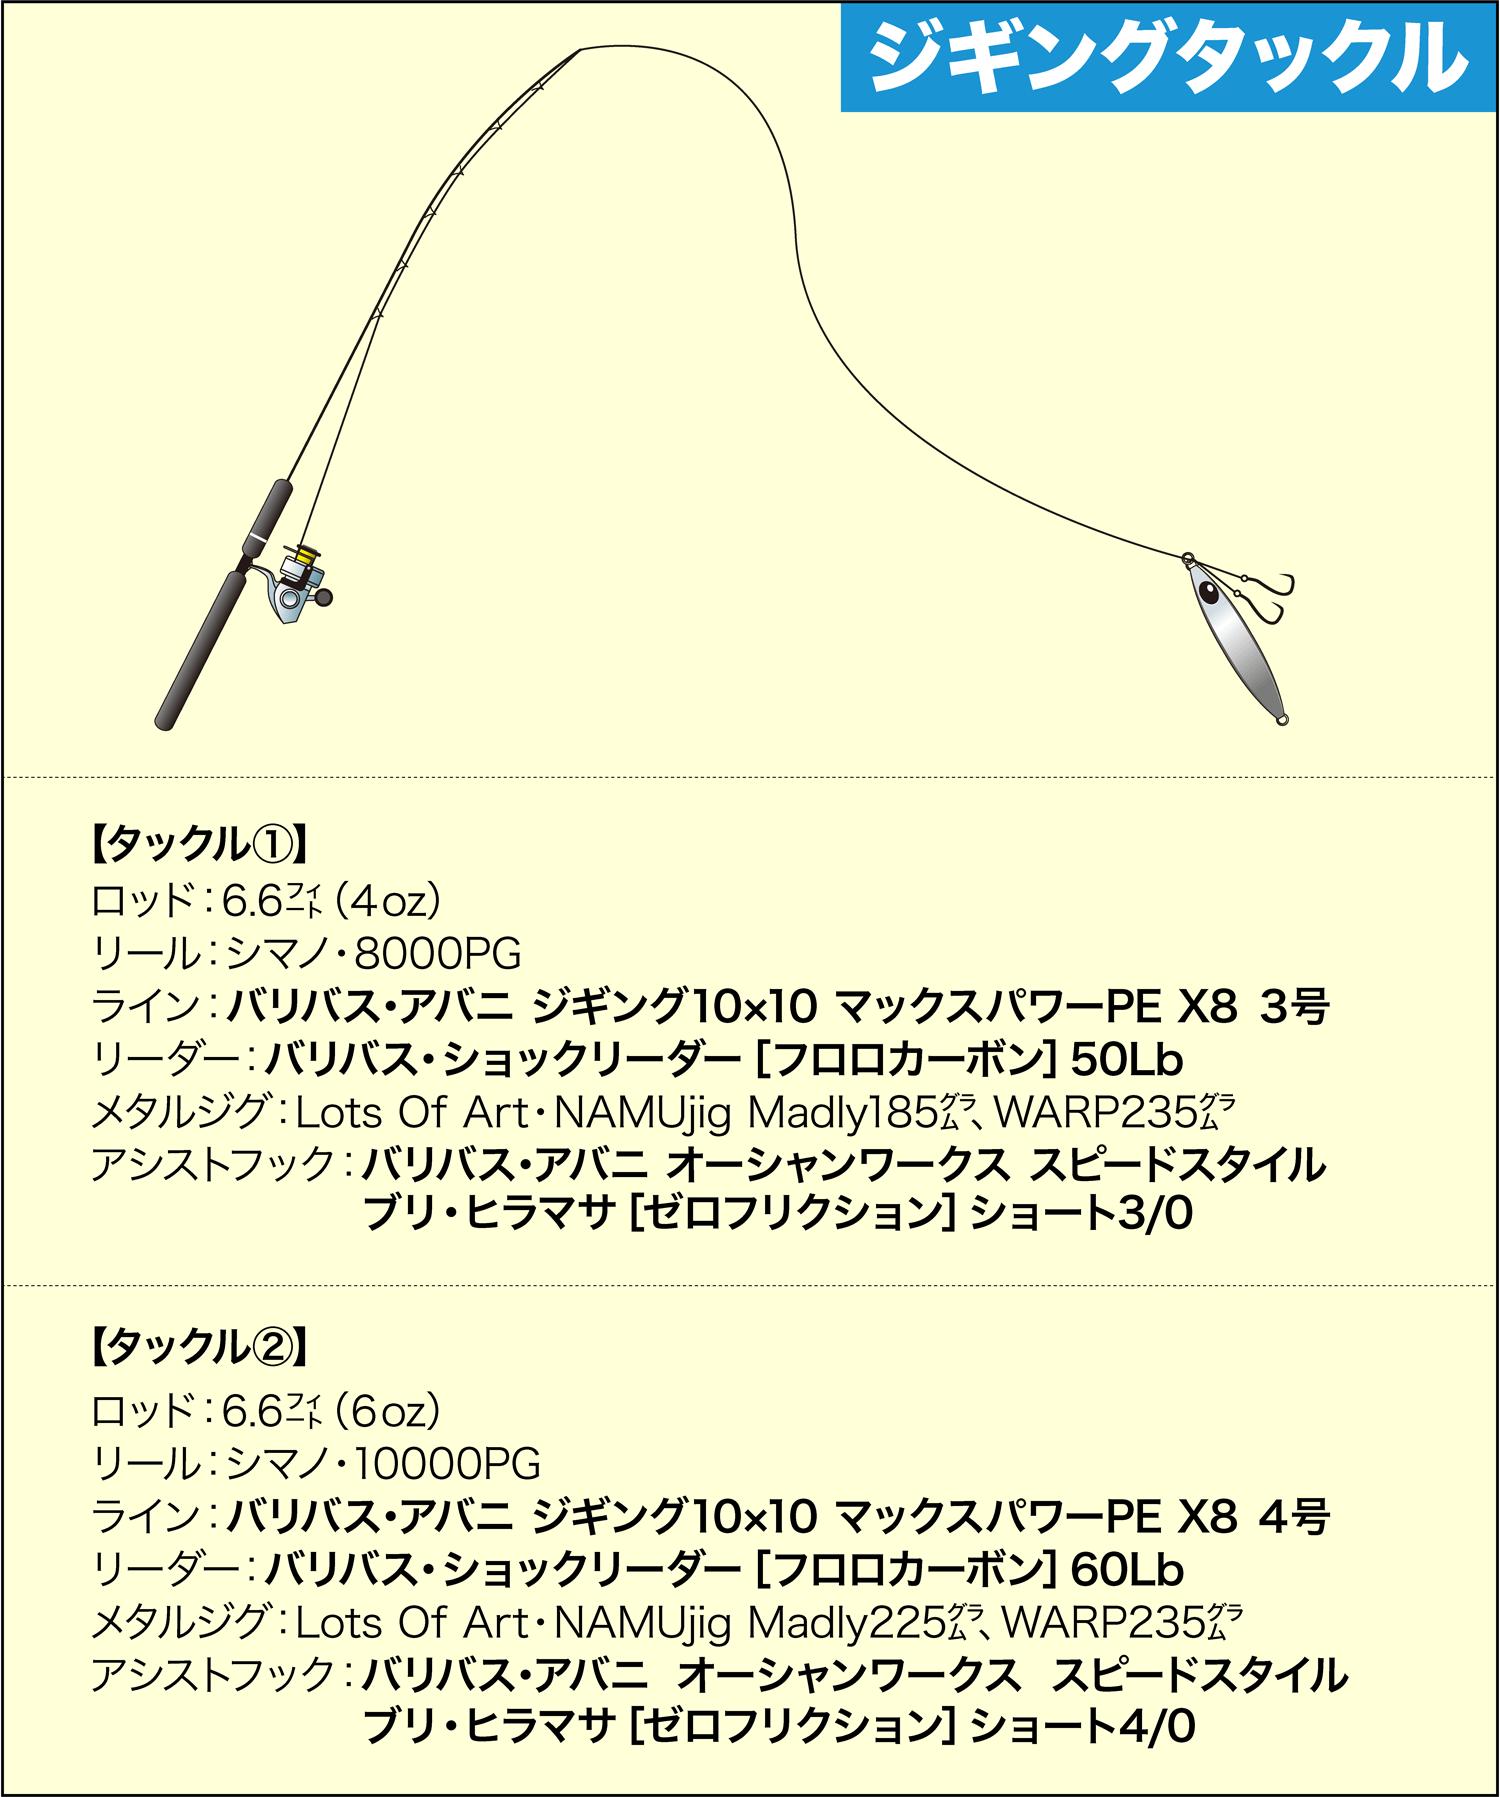 オフショアジギング・キャスティング ジギングライン・ジギングフック6